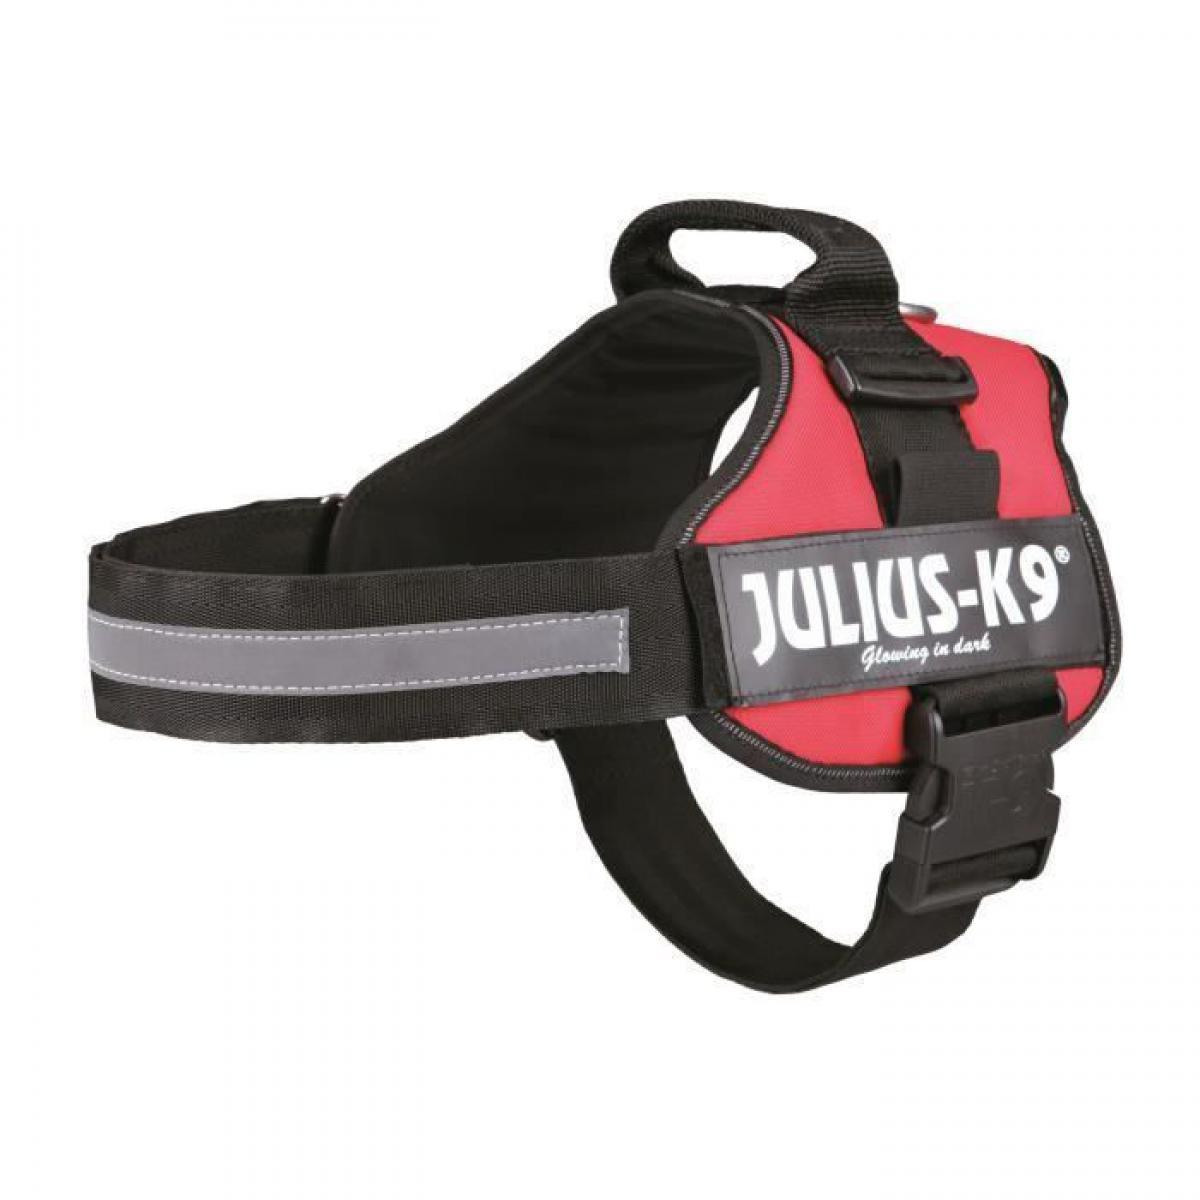 Julius K9 Harnais Power Julius-K9 - 2 - L-XL : 71-96 cm-50 mm - Rouge - Pour chien